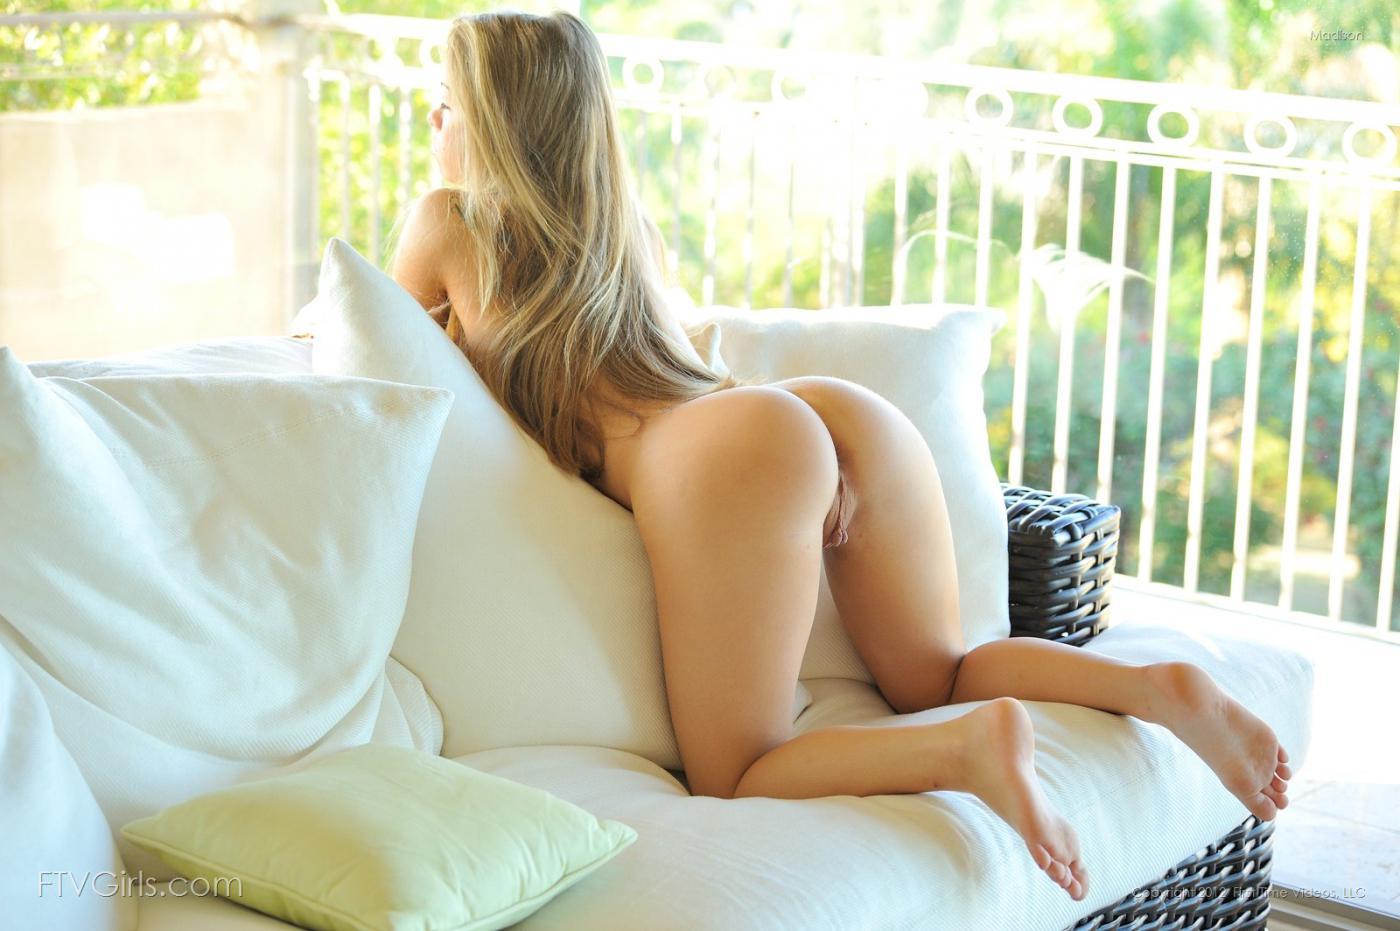 Обнаженная блондинка Madison показывает чудесную попку и пухлую